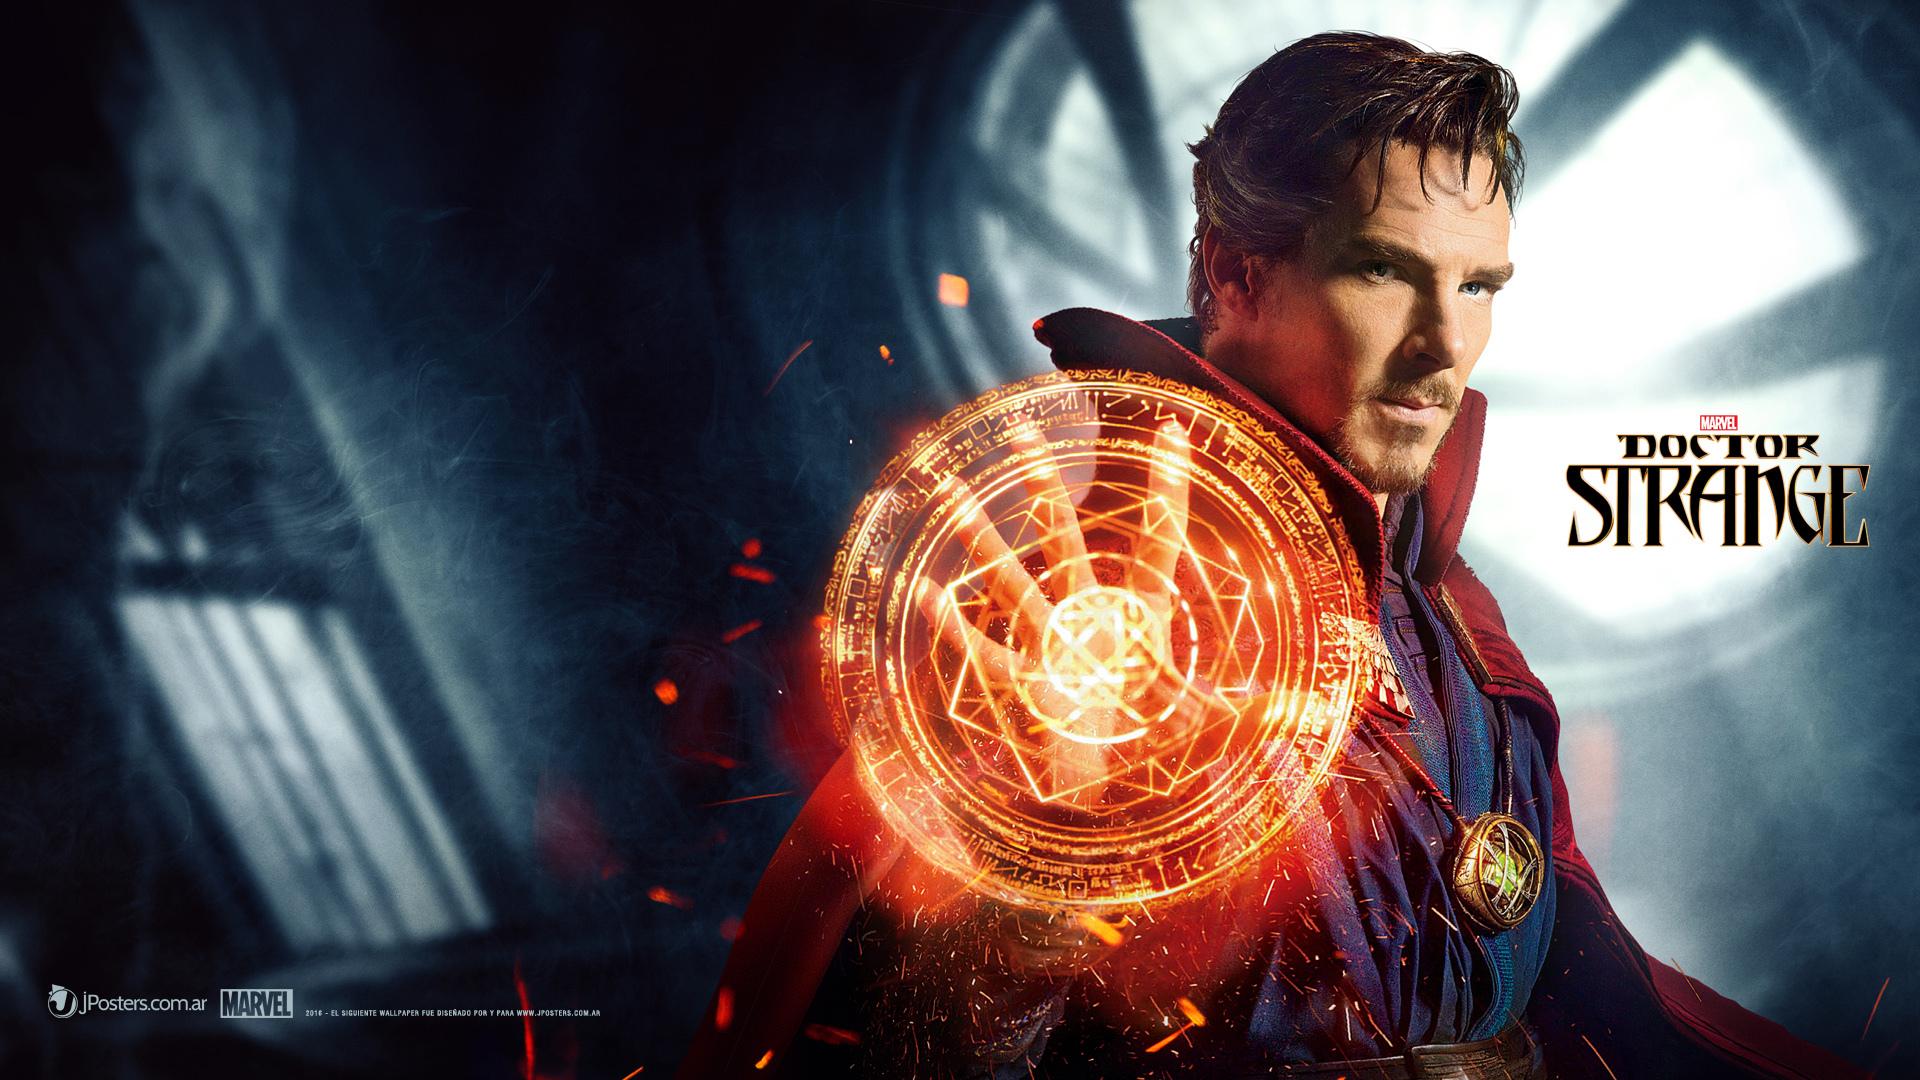 Doctor Strange'den Etkileyici İlk Fragman Yayınlandı!